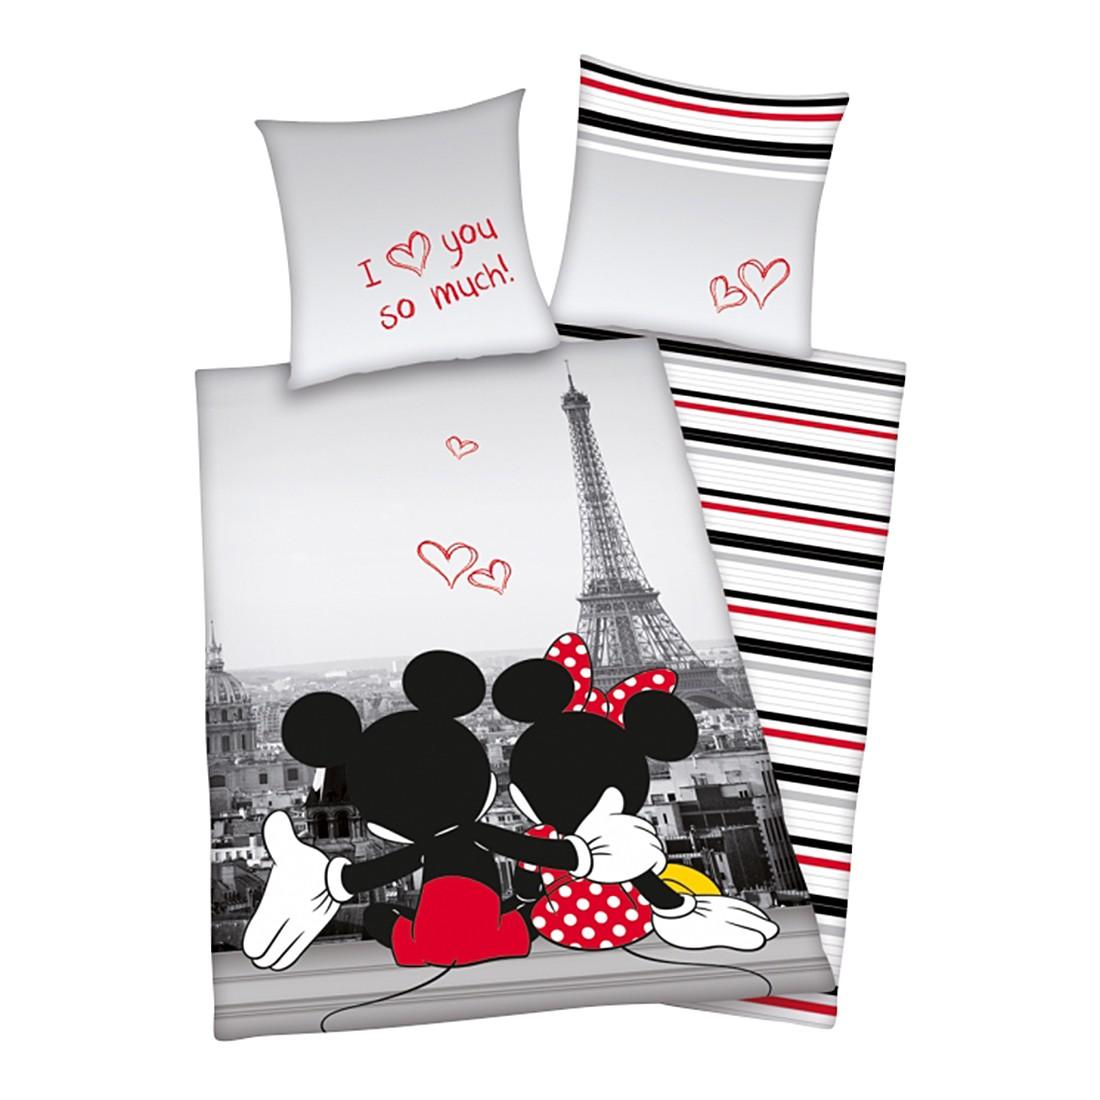 Bettwäsche Mickey und Minnie in Paris, Herding jetzt kaufen